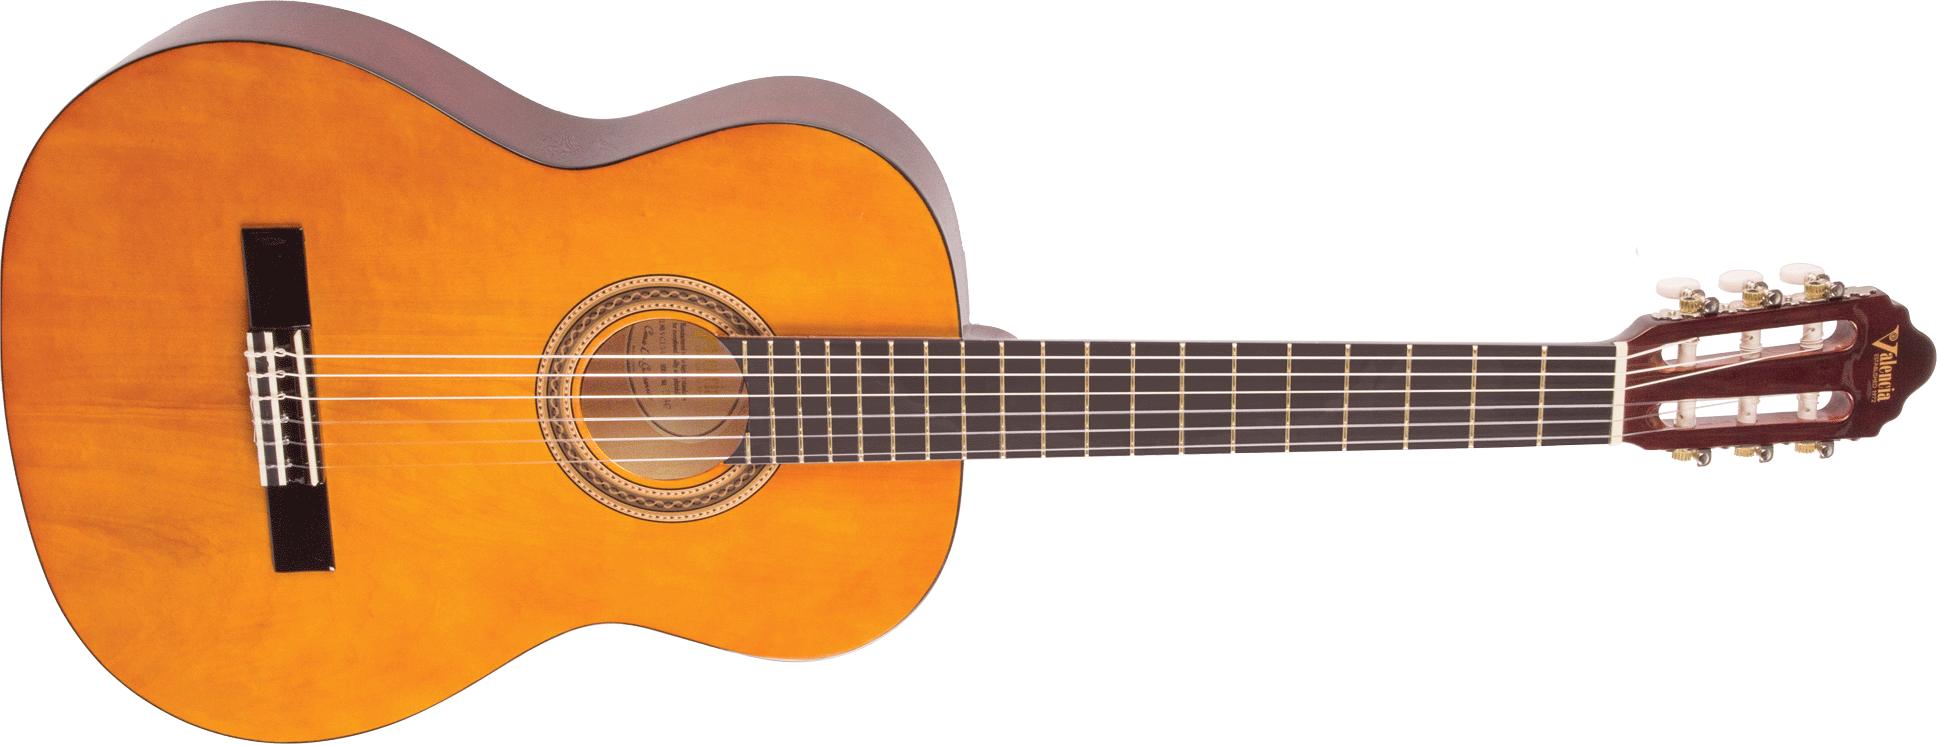 Guitarra – Características y Ofertas